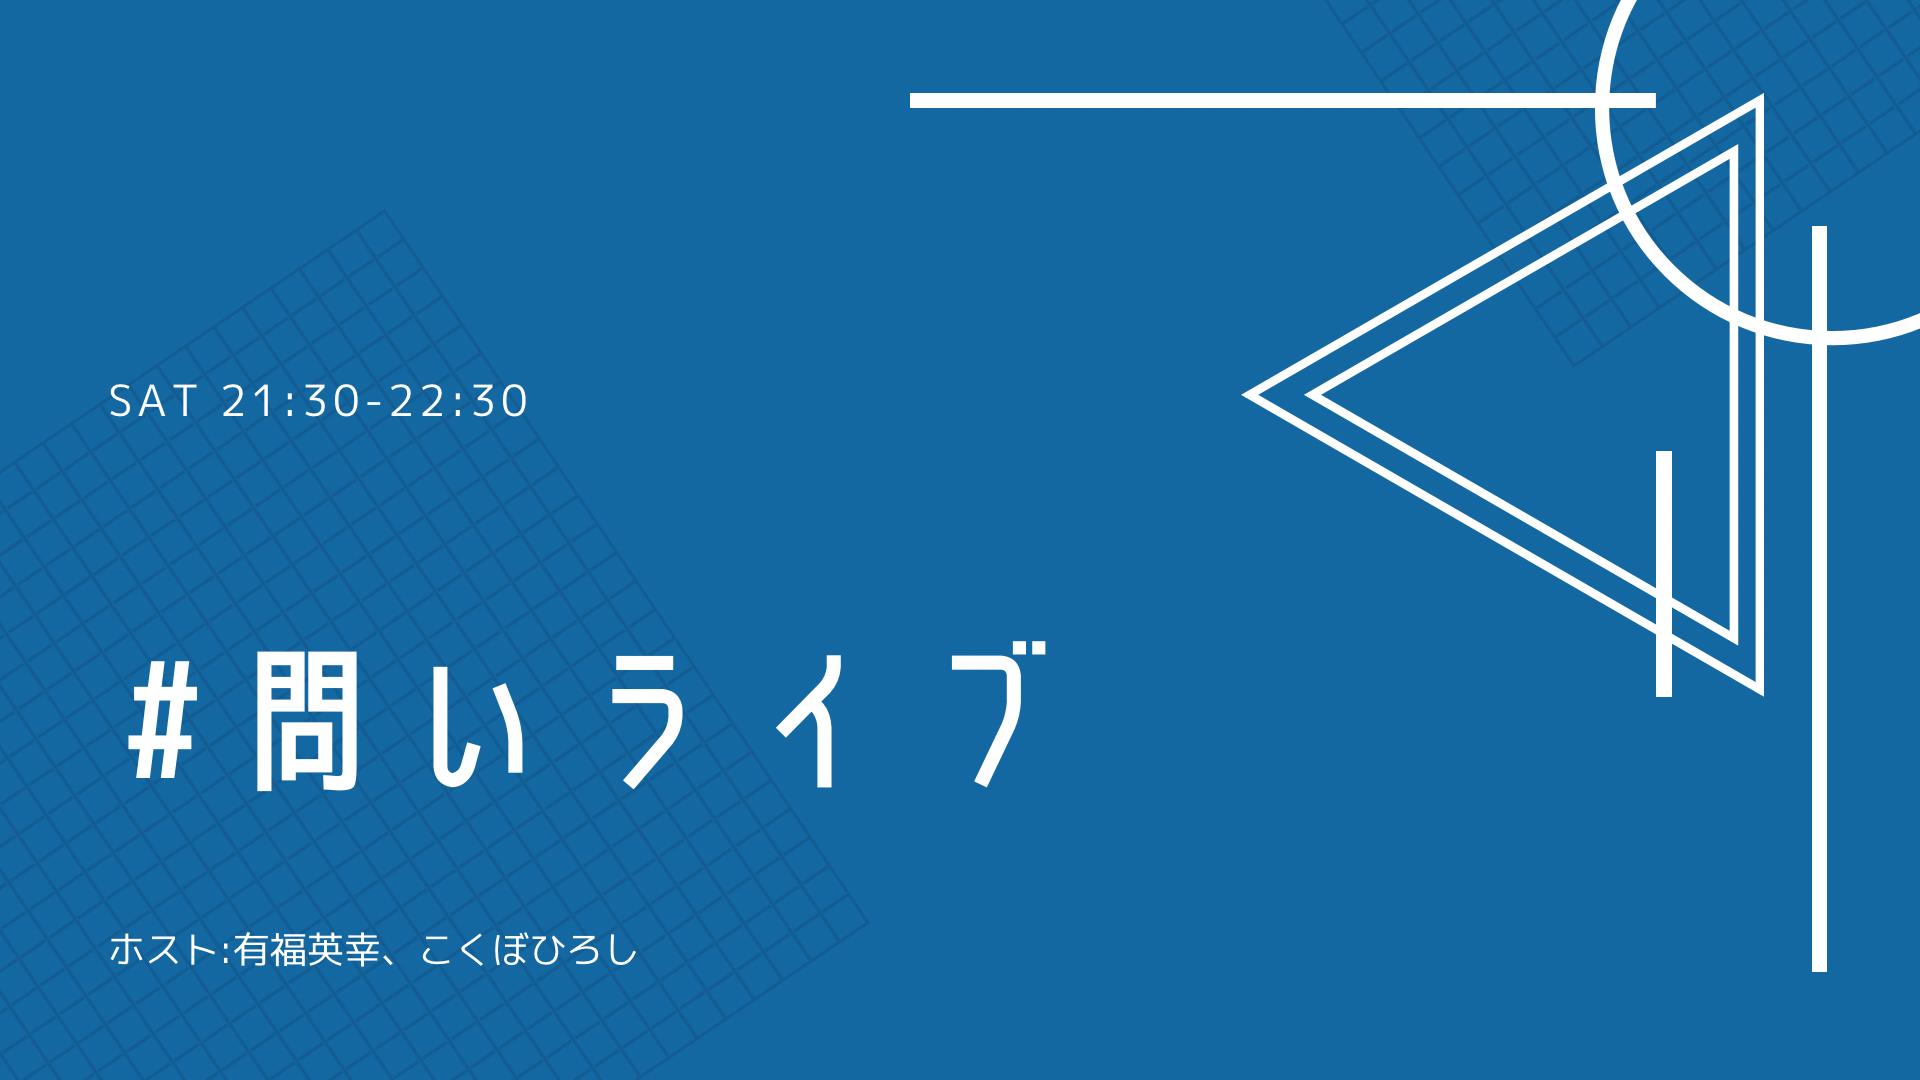 #問いライブ【専門知と集合知編】